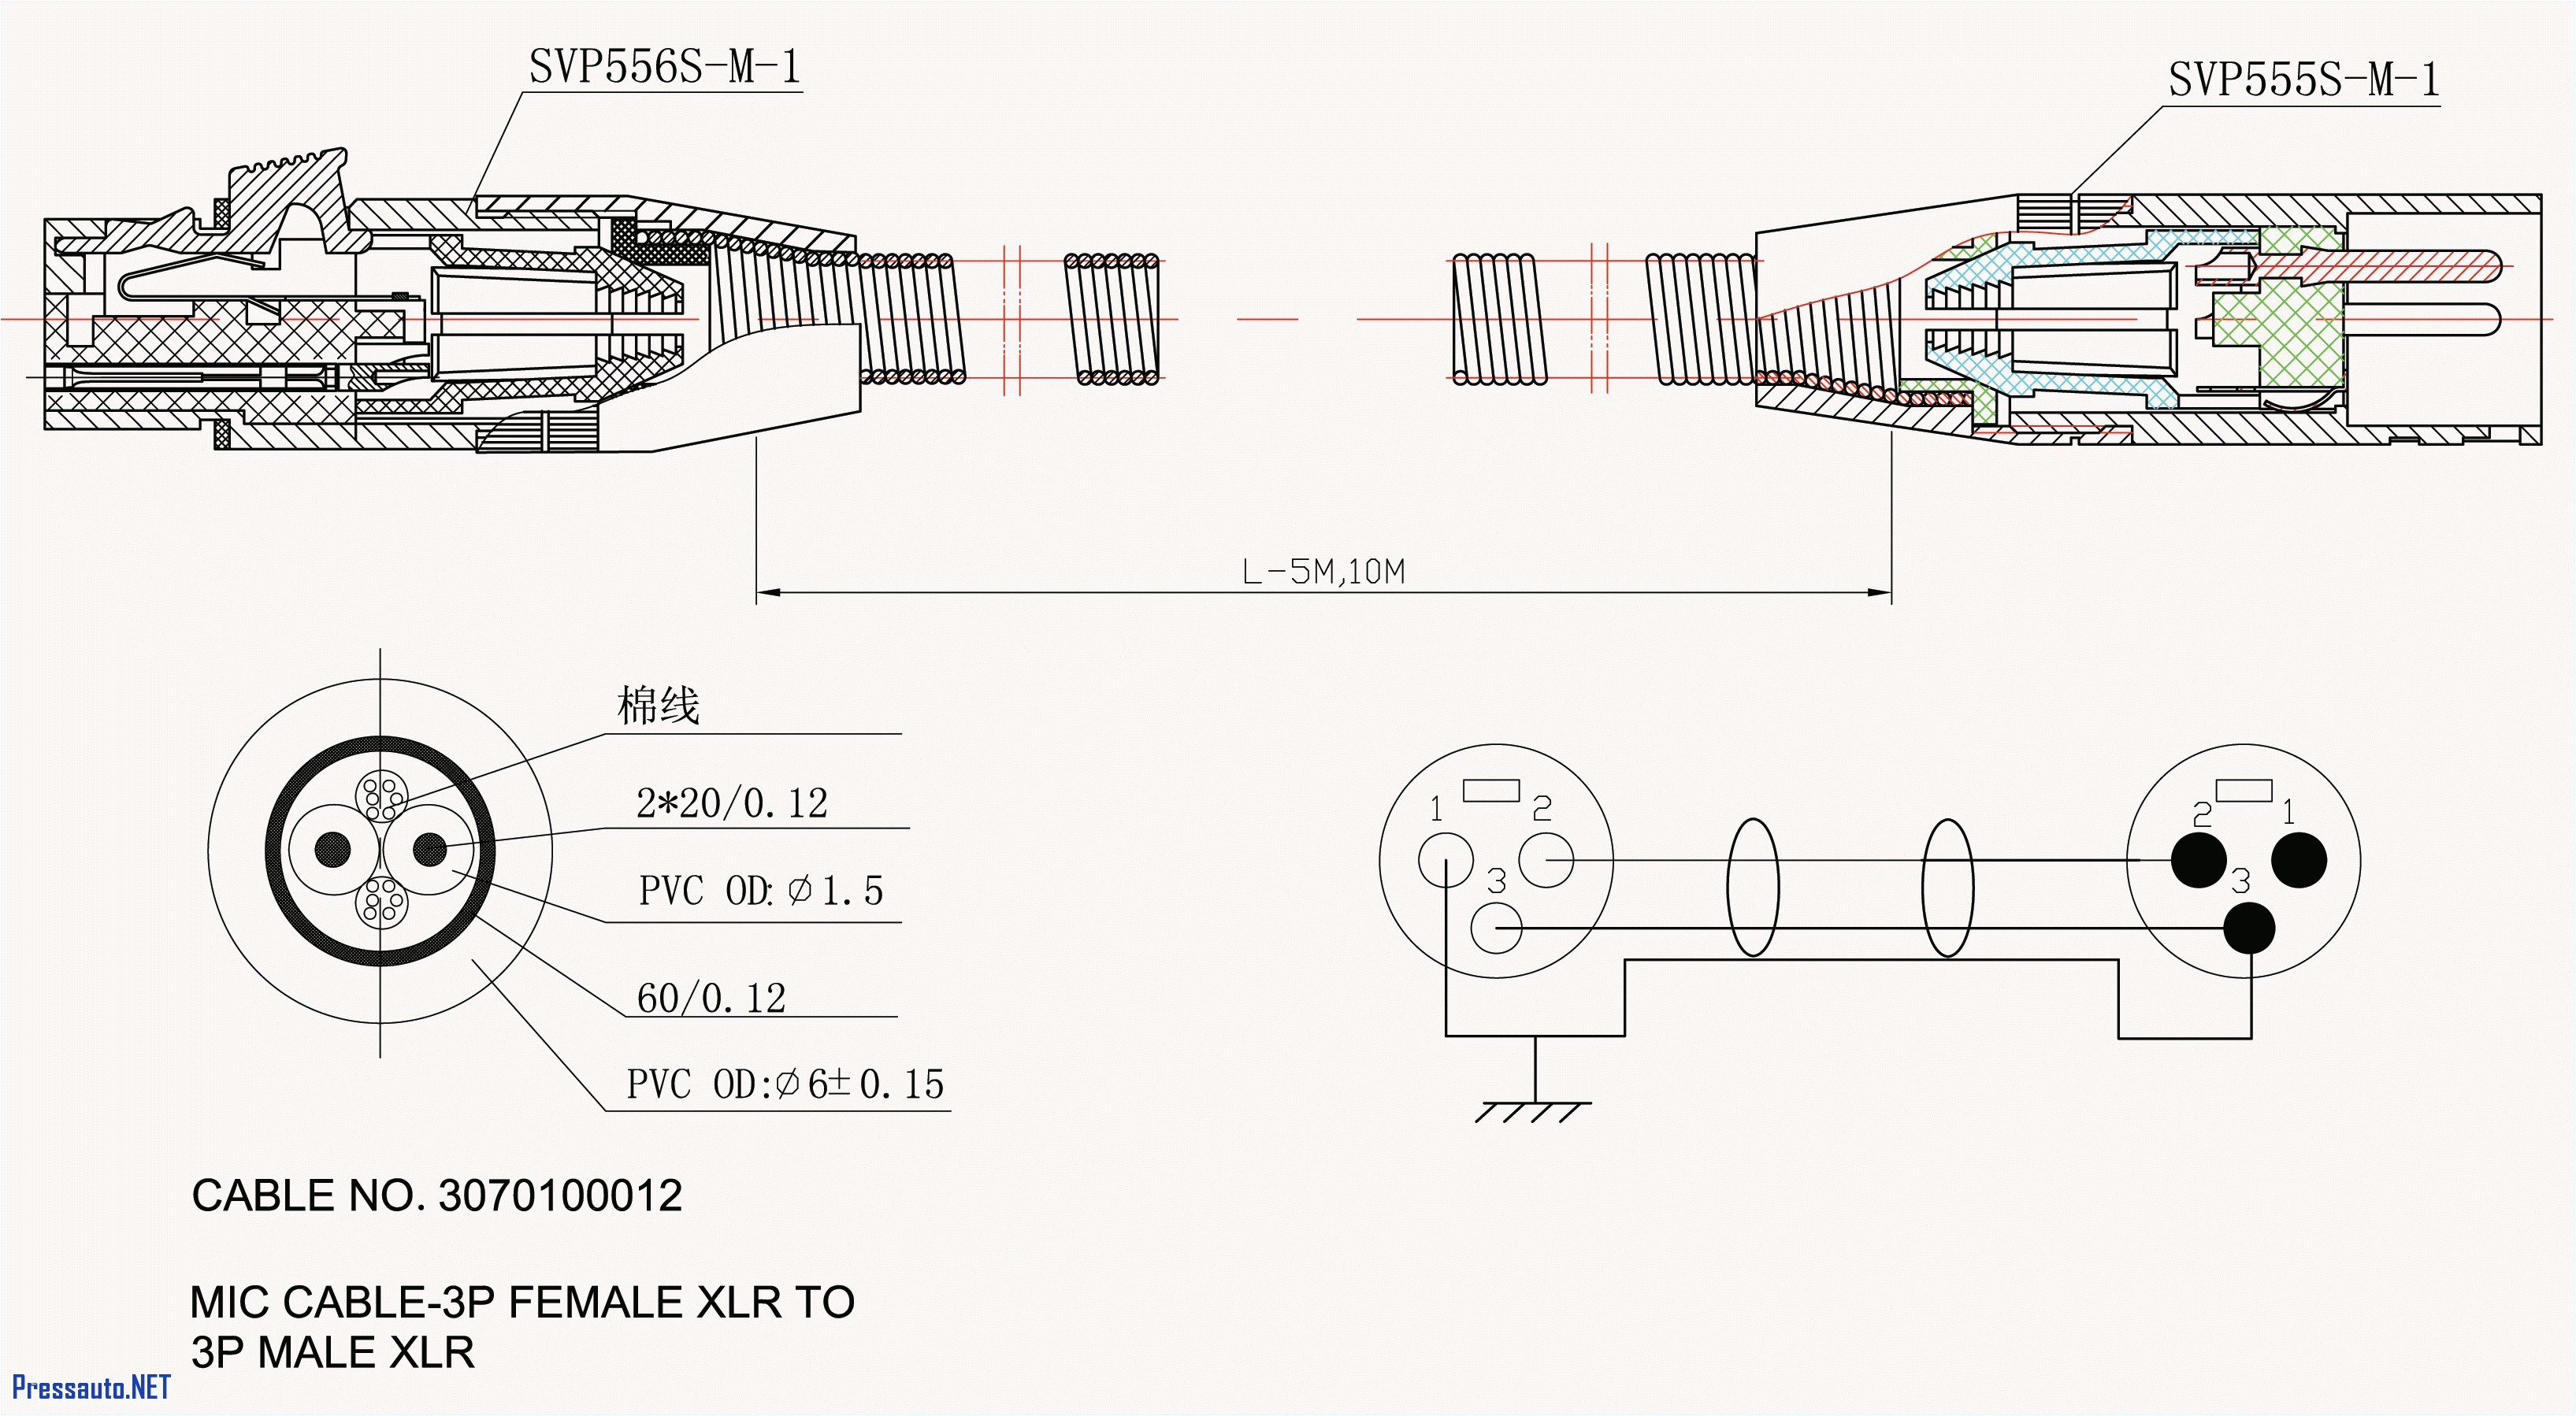 30 amp plug wiring diagram fresh 50a rv park wiring wiring diagram 30 amp plug wiring